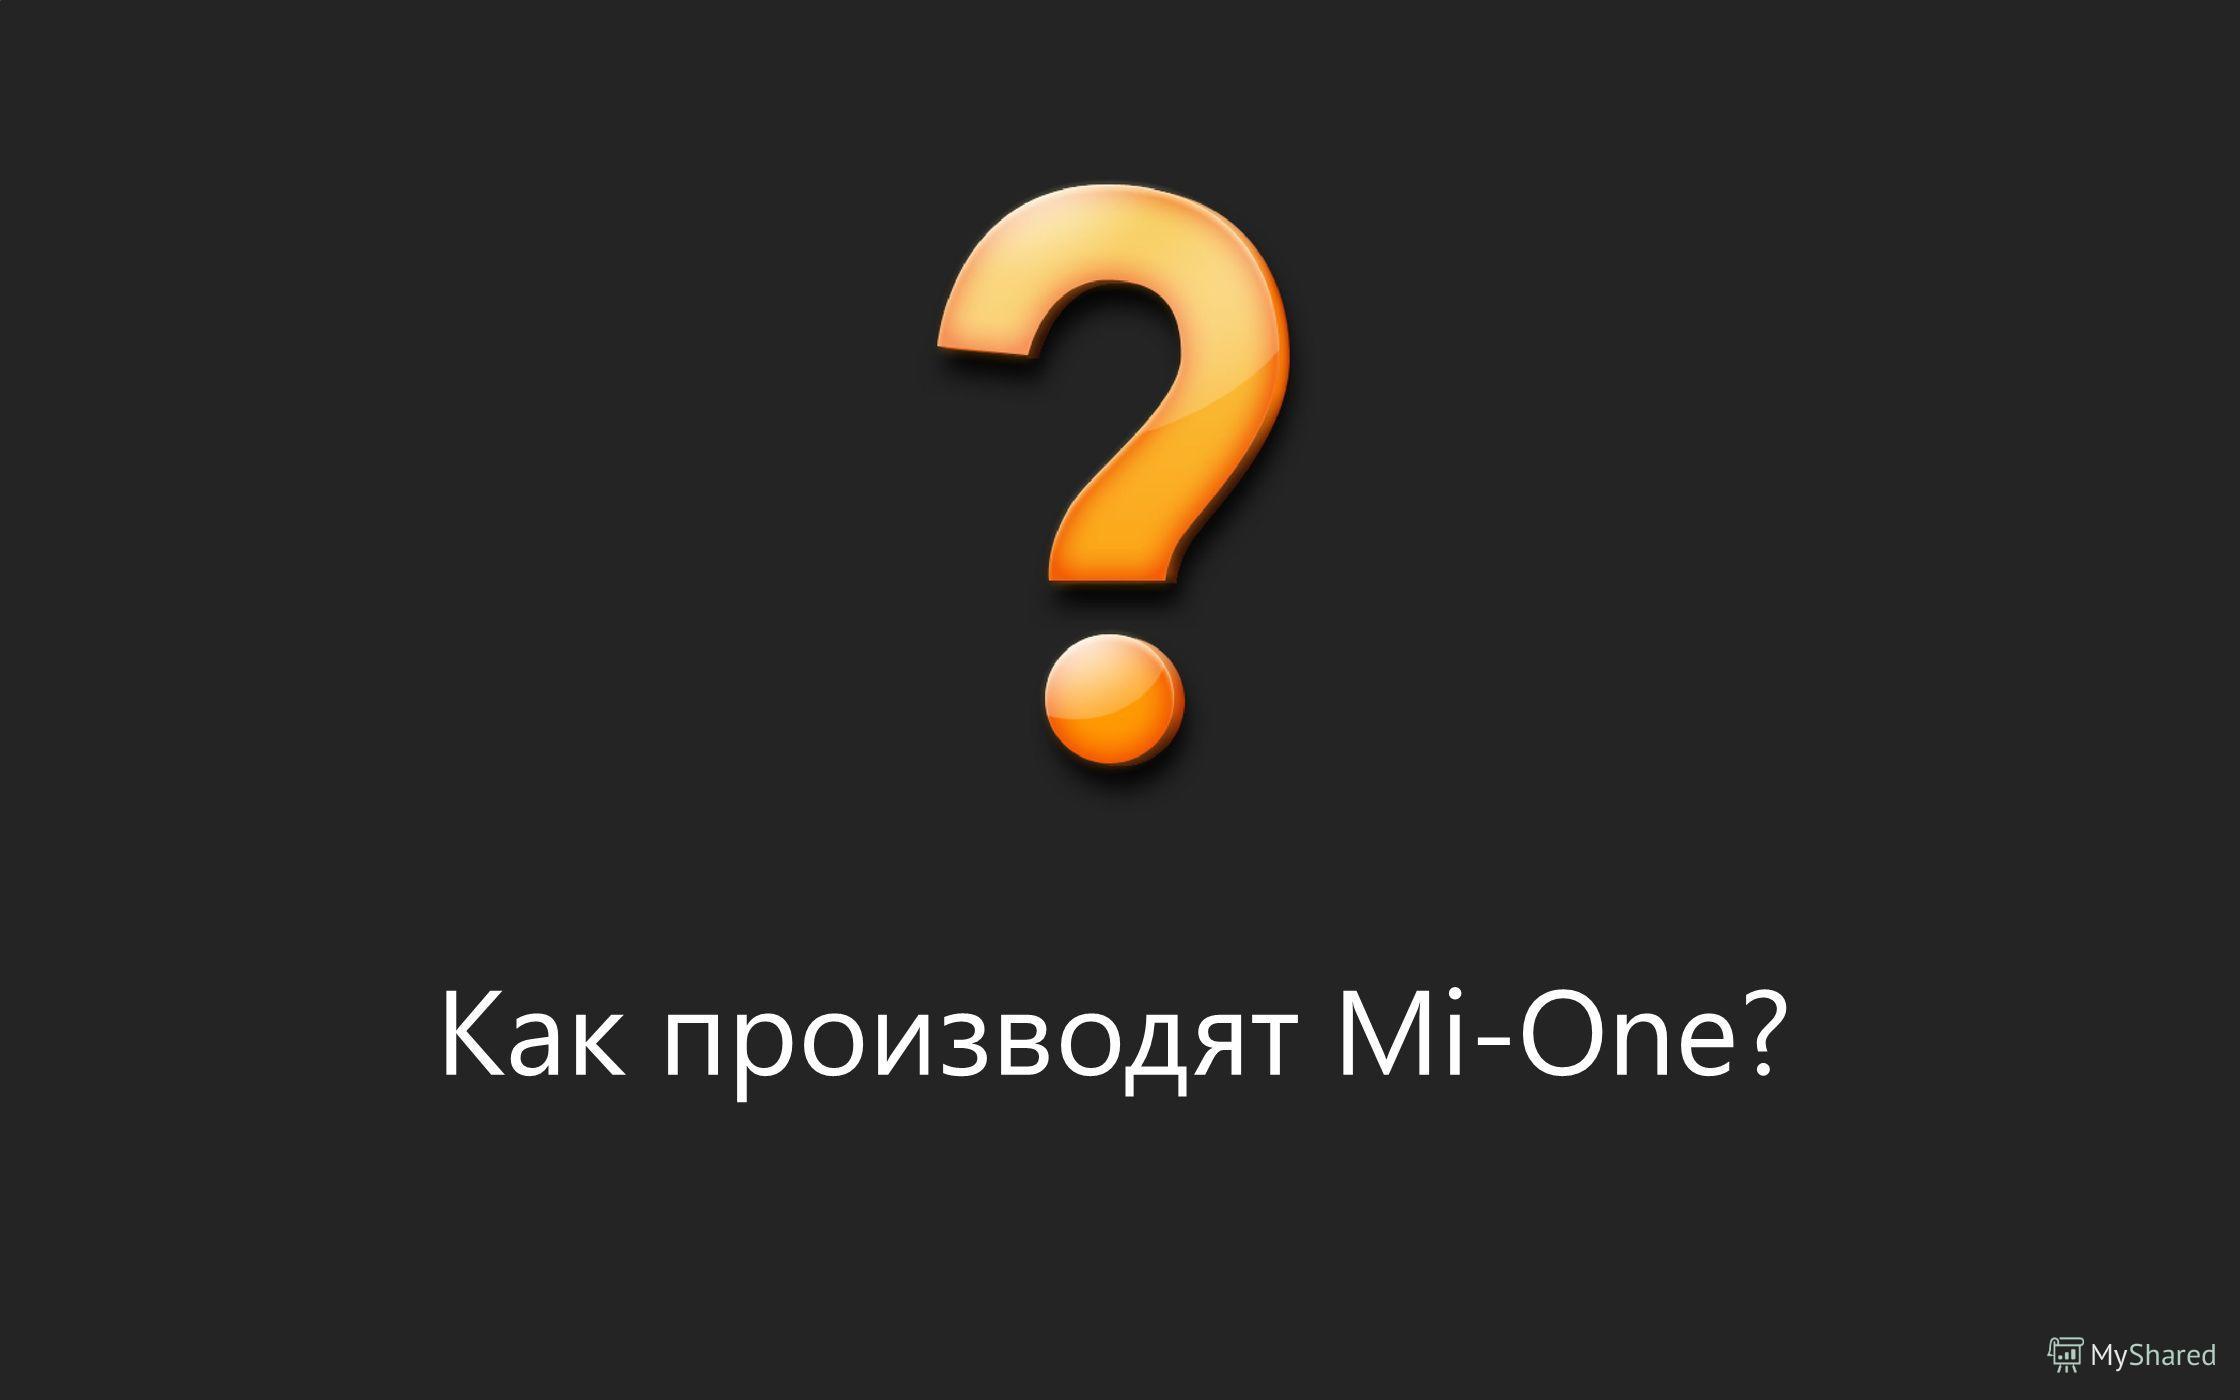 Как производят Mi-One?